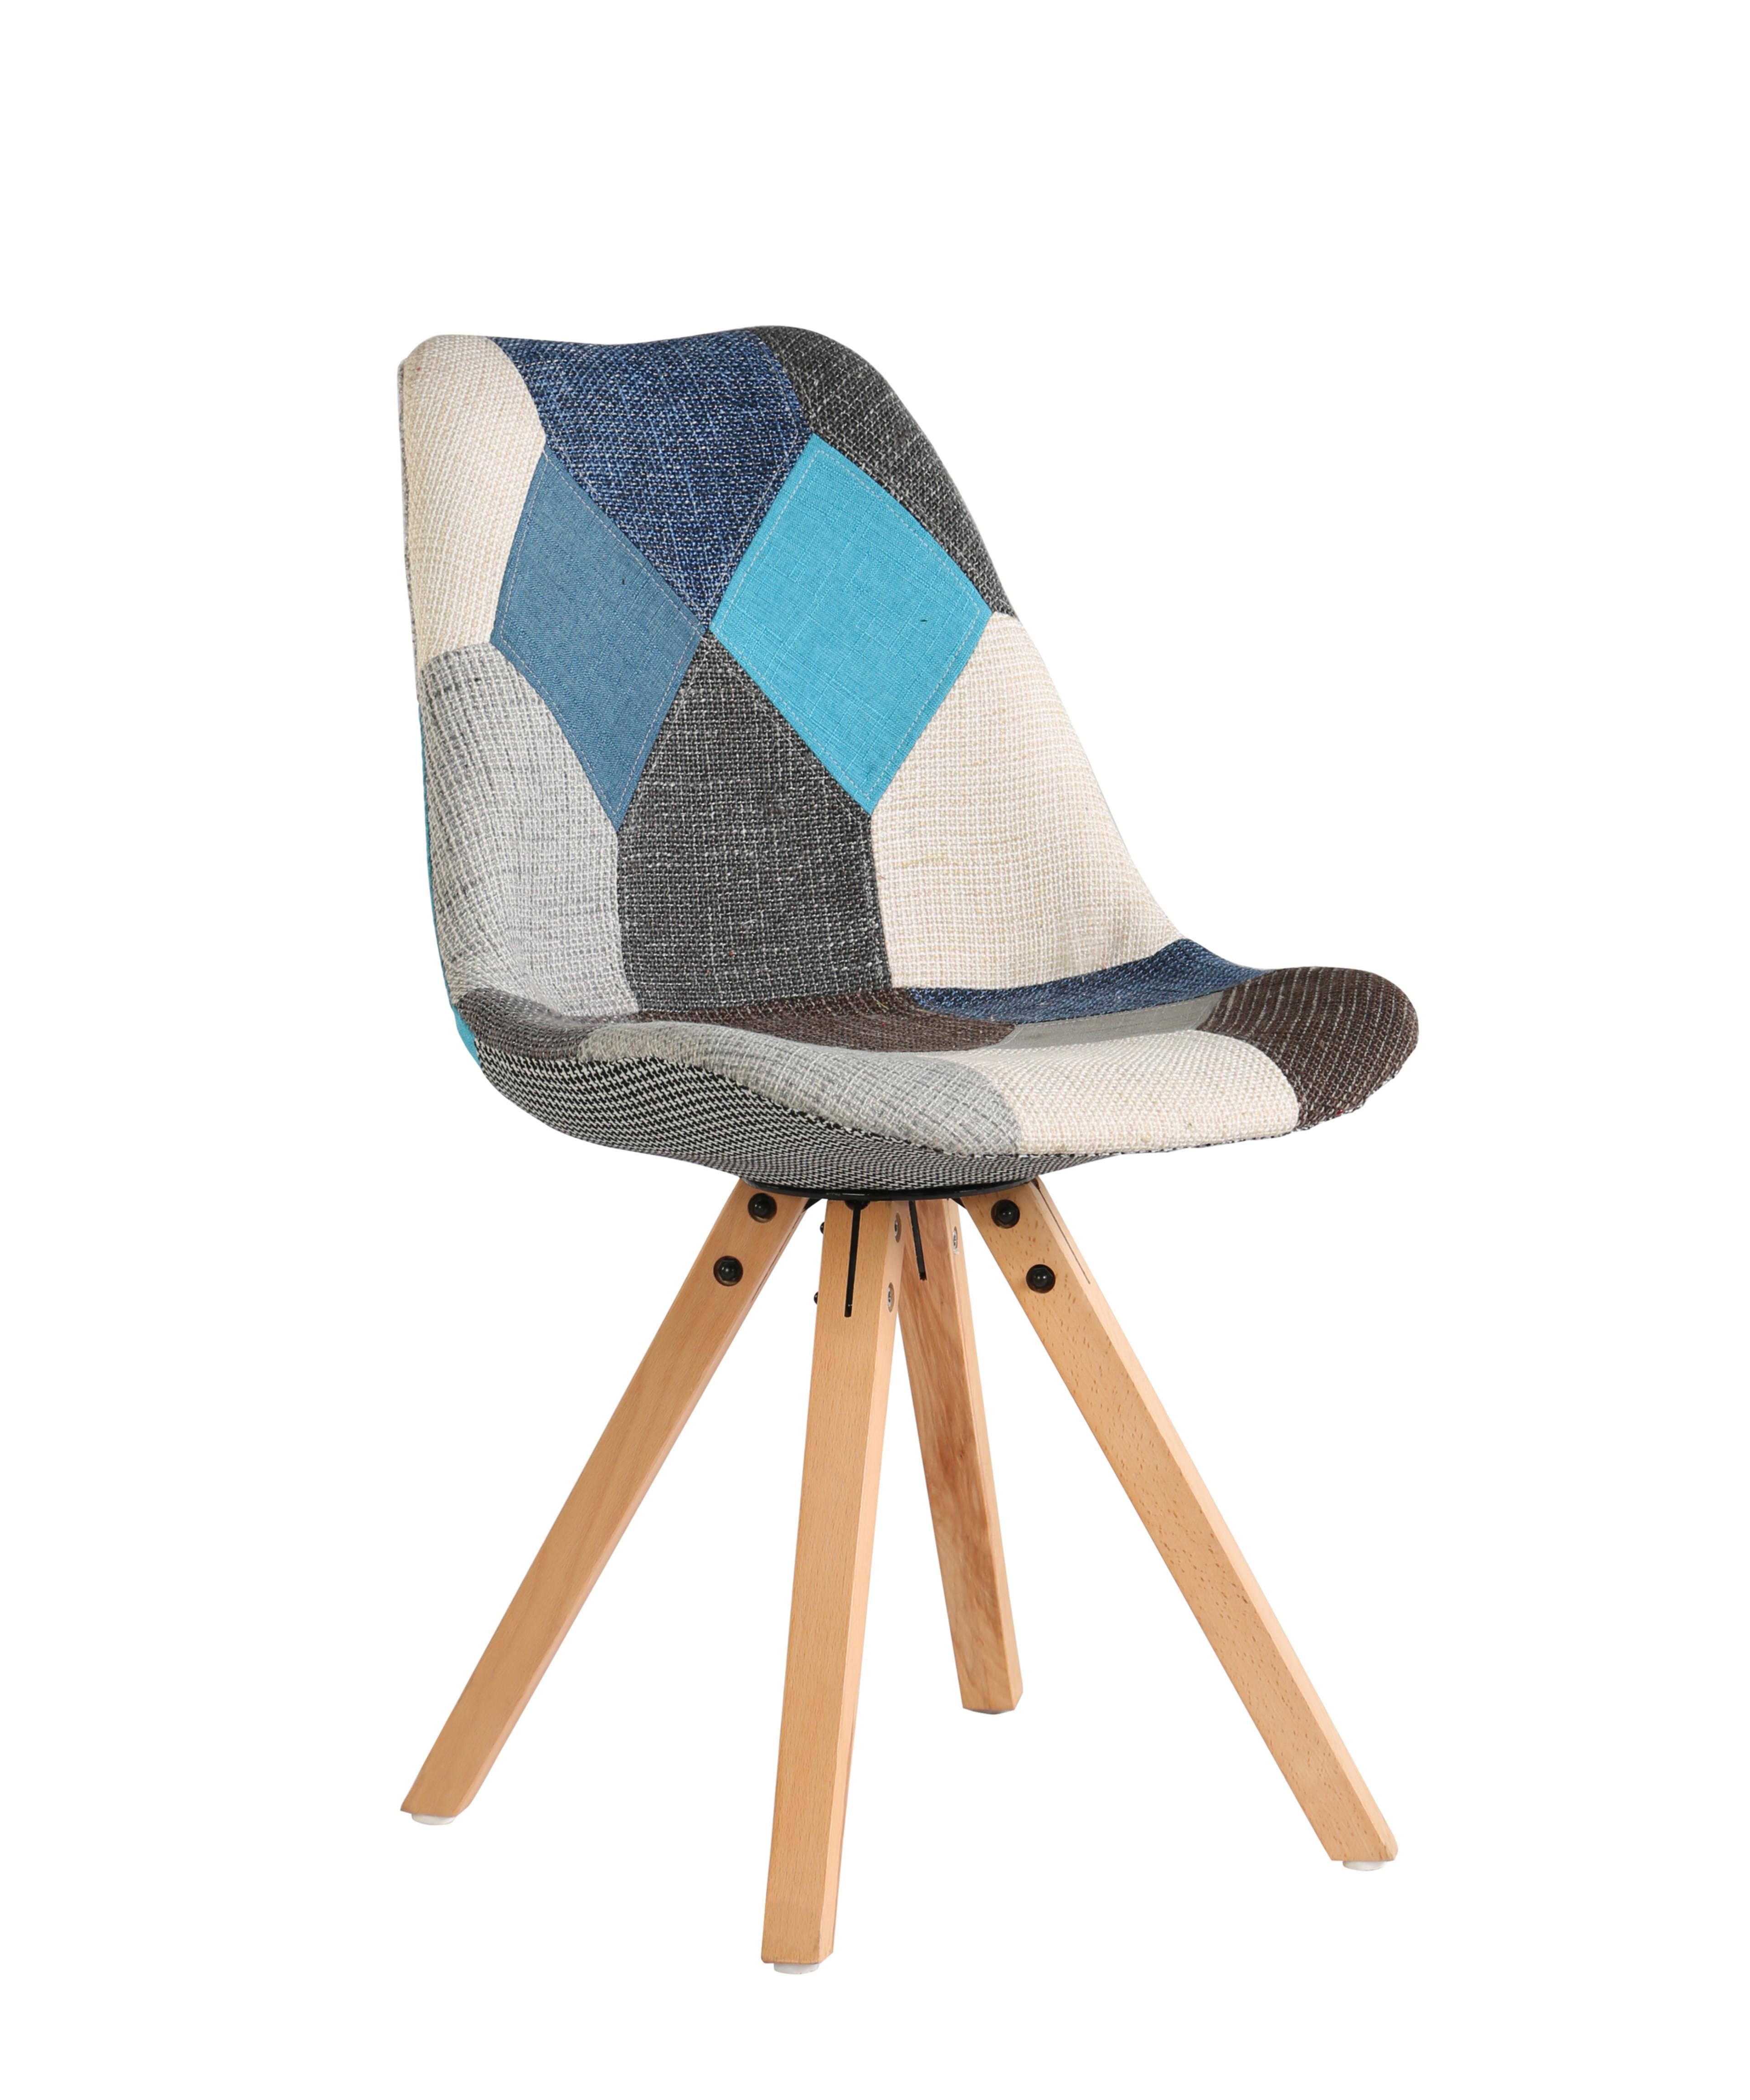 Venta al por mayor silla de madera con tela para living-Compre ...